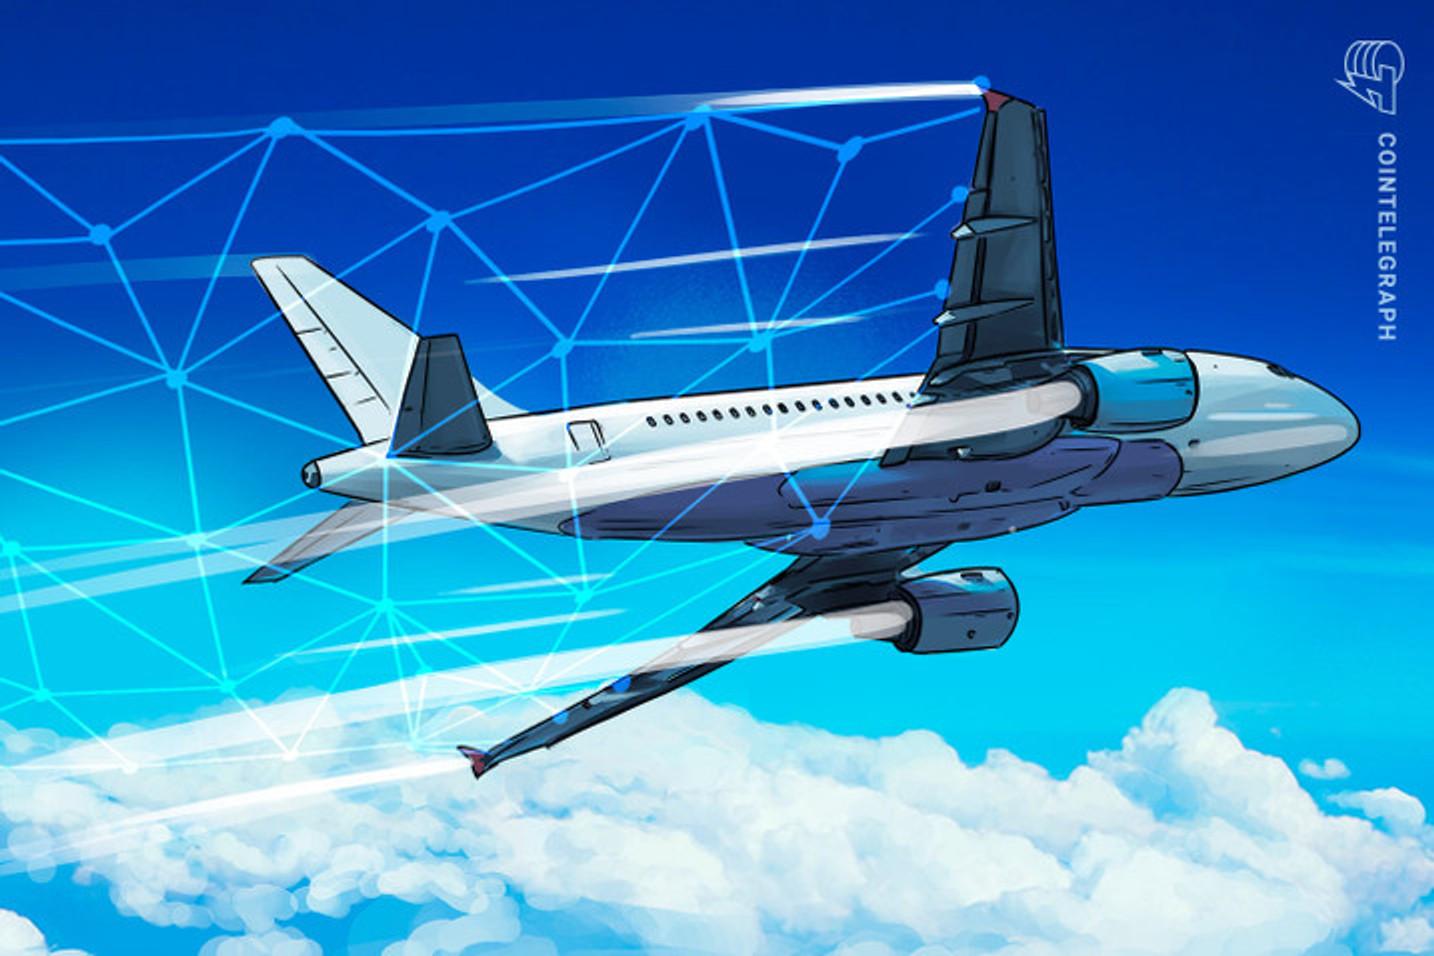 Chega de Lambo o negócio agora é avião: Uma em cada dez pessoas alugou um jatinho usando Bitcoin em 2021